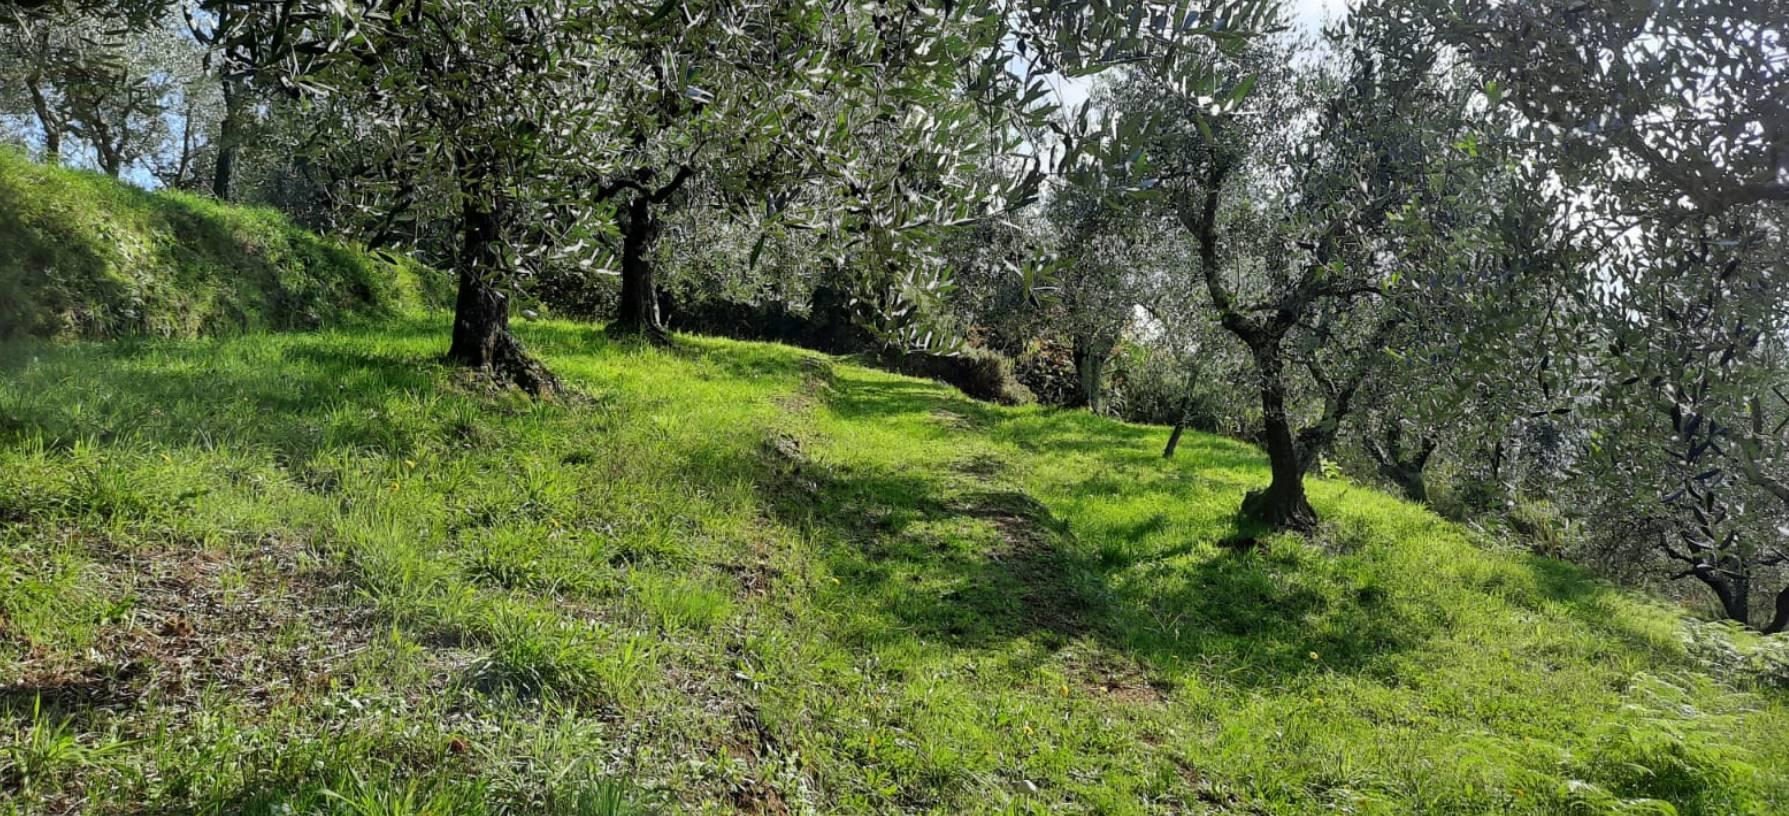 Terreno Agricolo in vendita a Serravalle Pistoiese, 9999 locali, zona Zona: Castellina, prezzo € 15.000 | CambioCasa.it